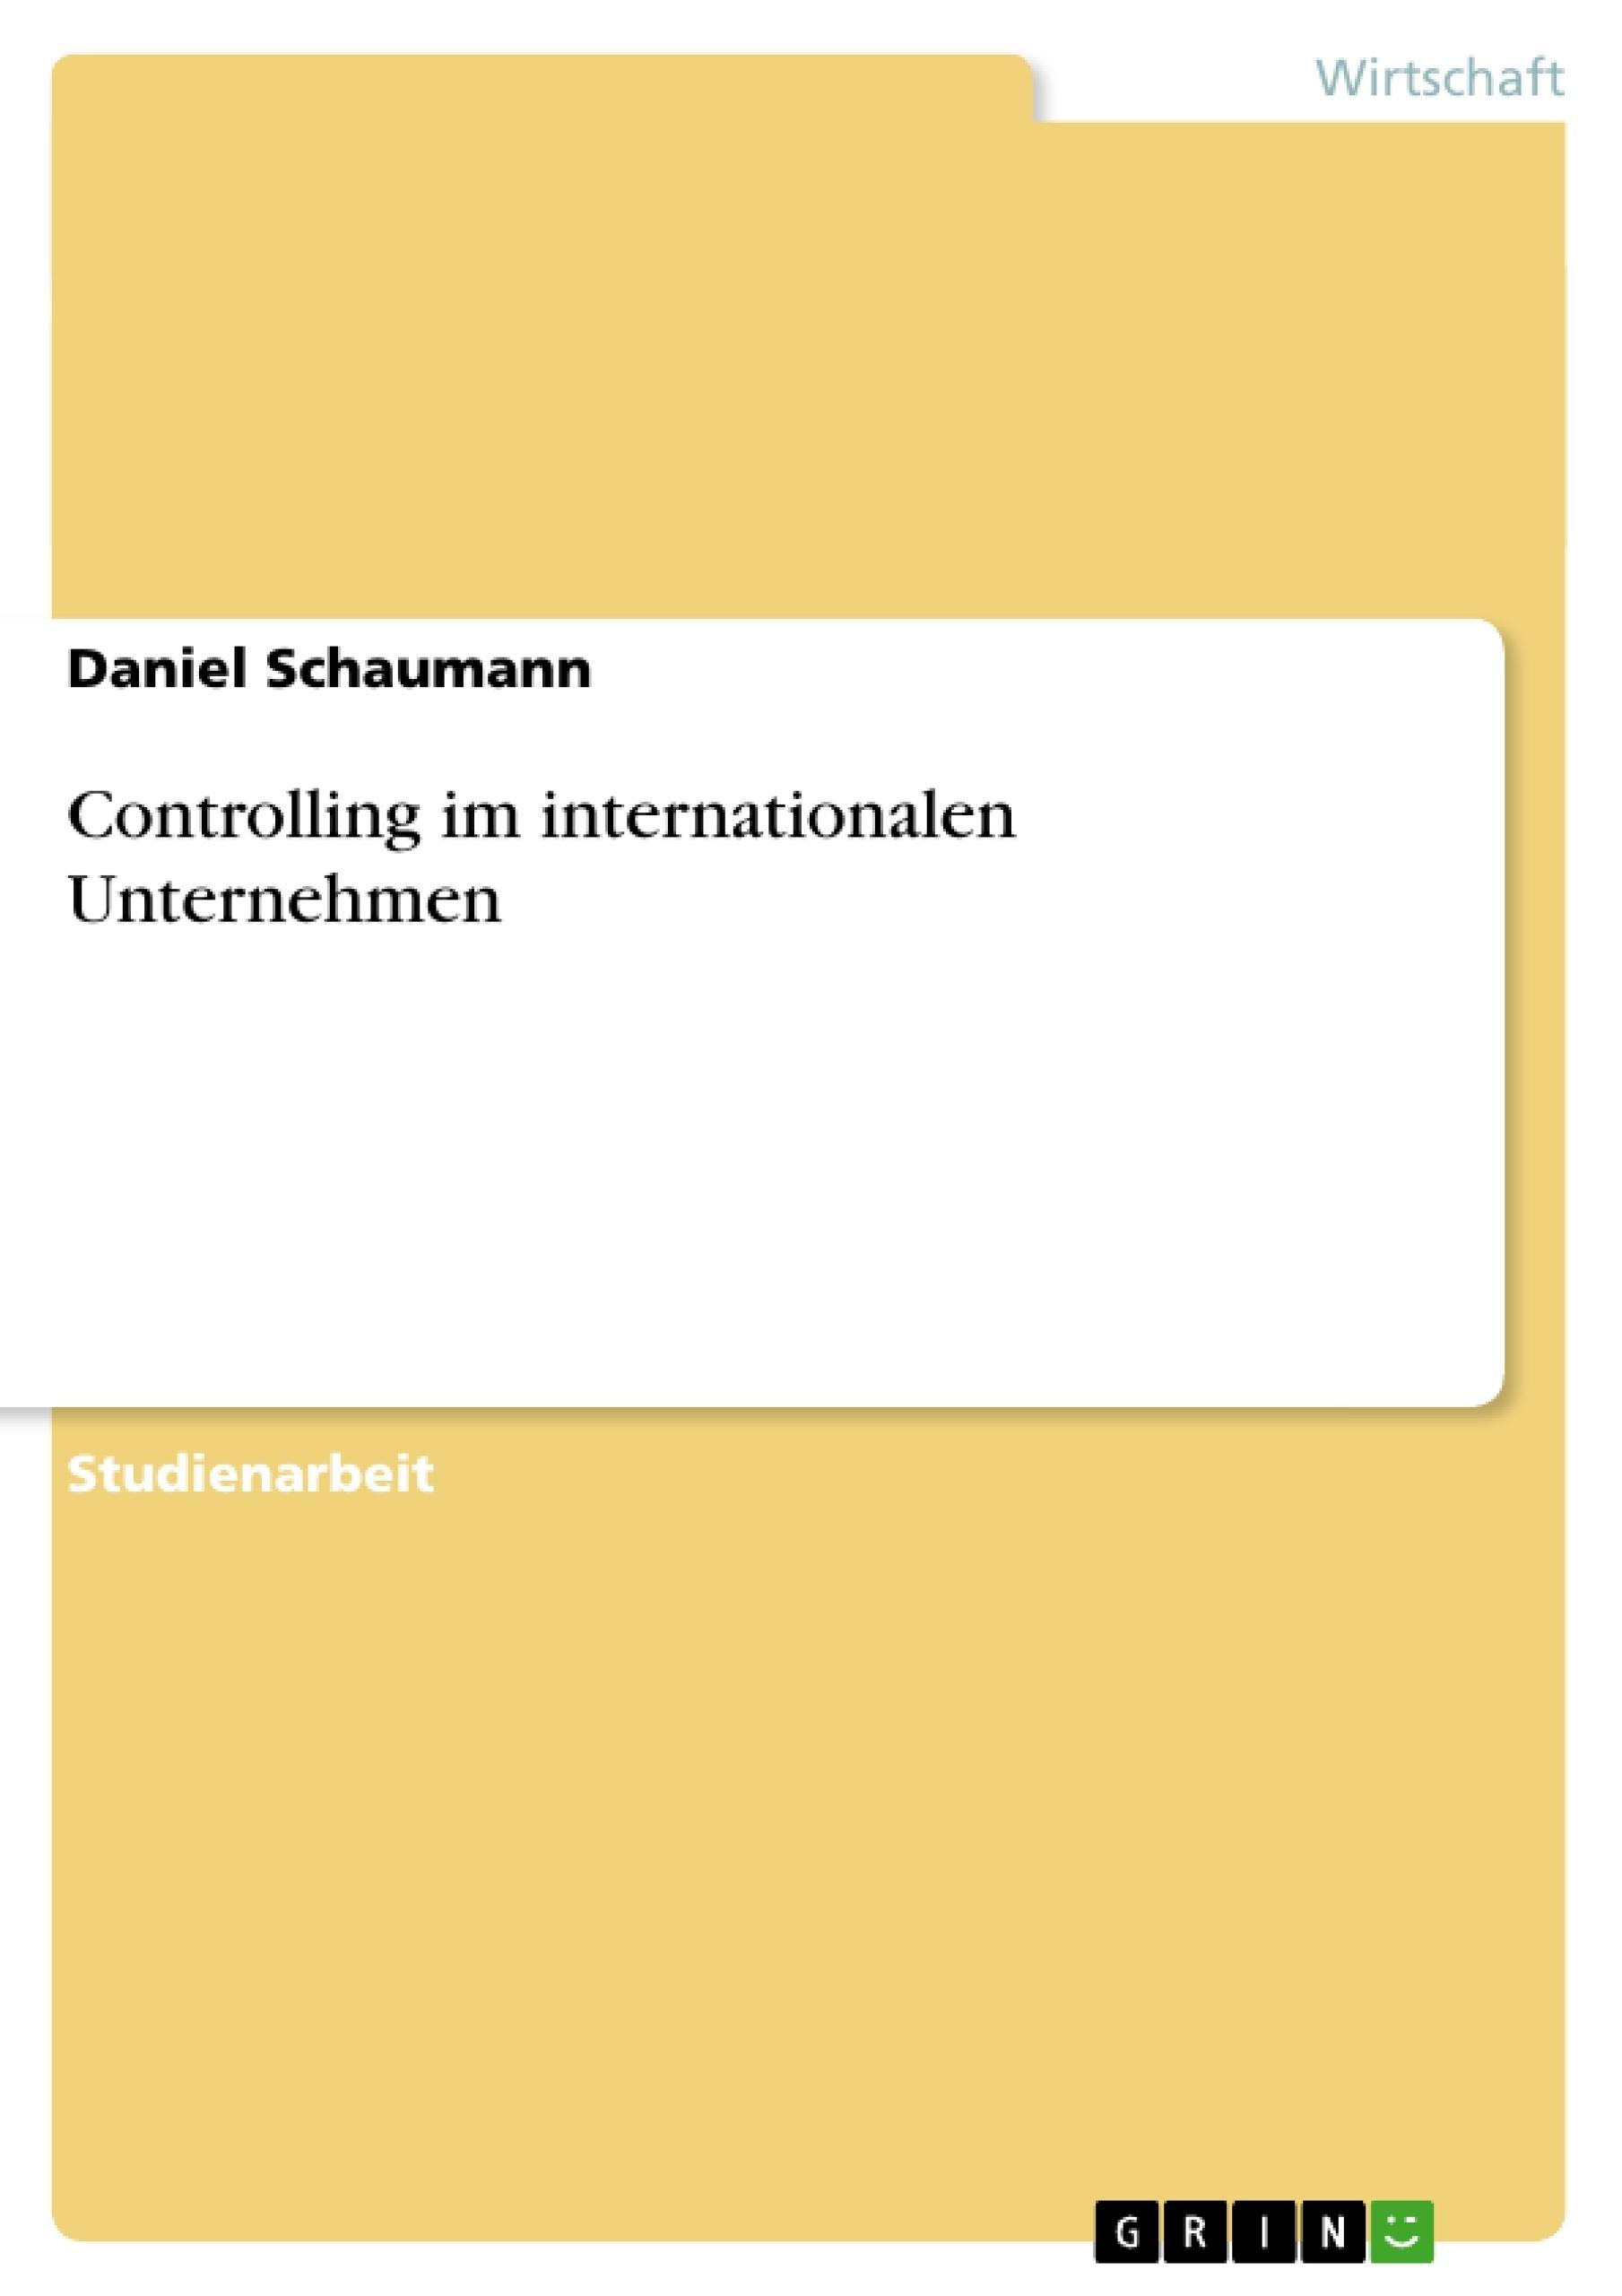 Titel: Controlling im internationalen Unternehmen